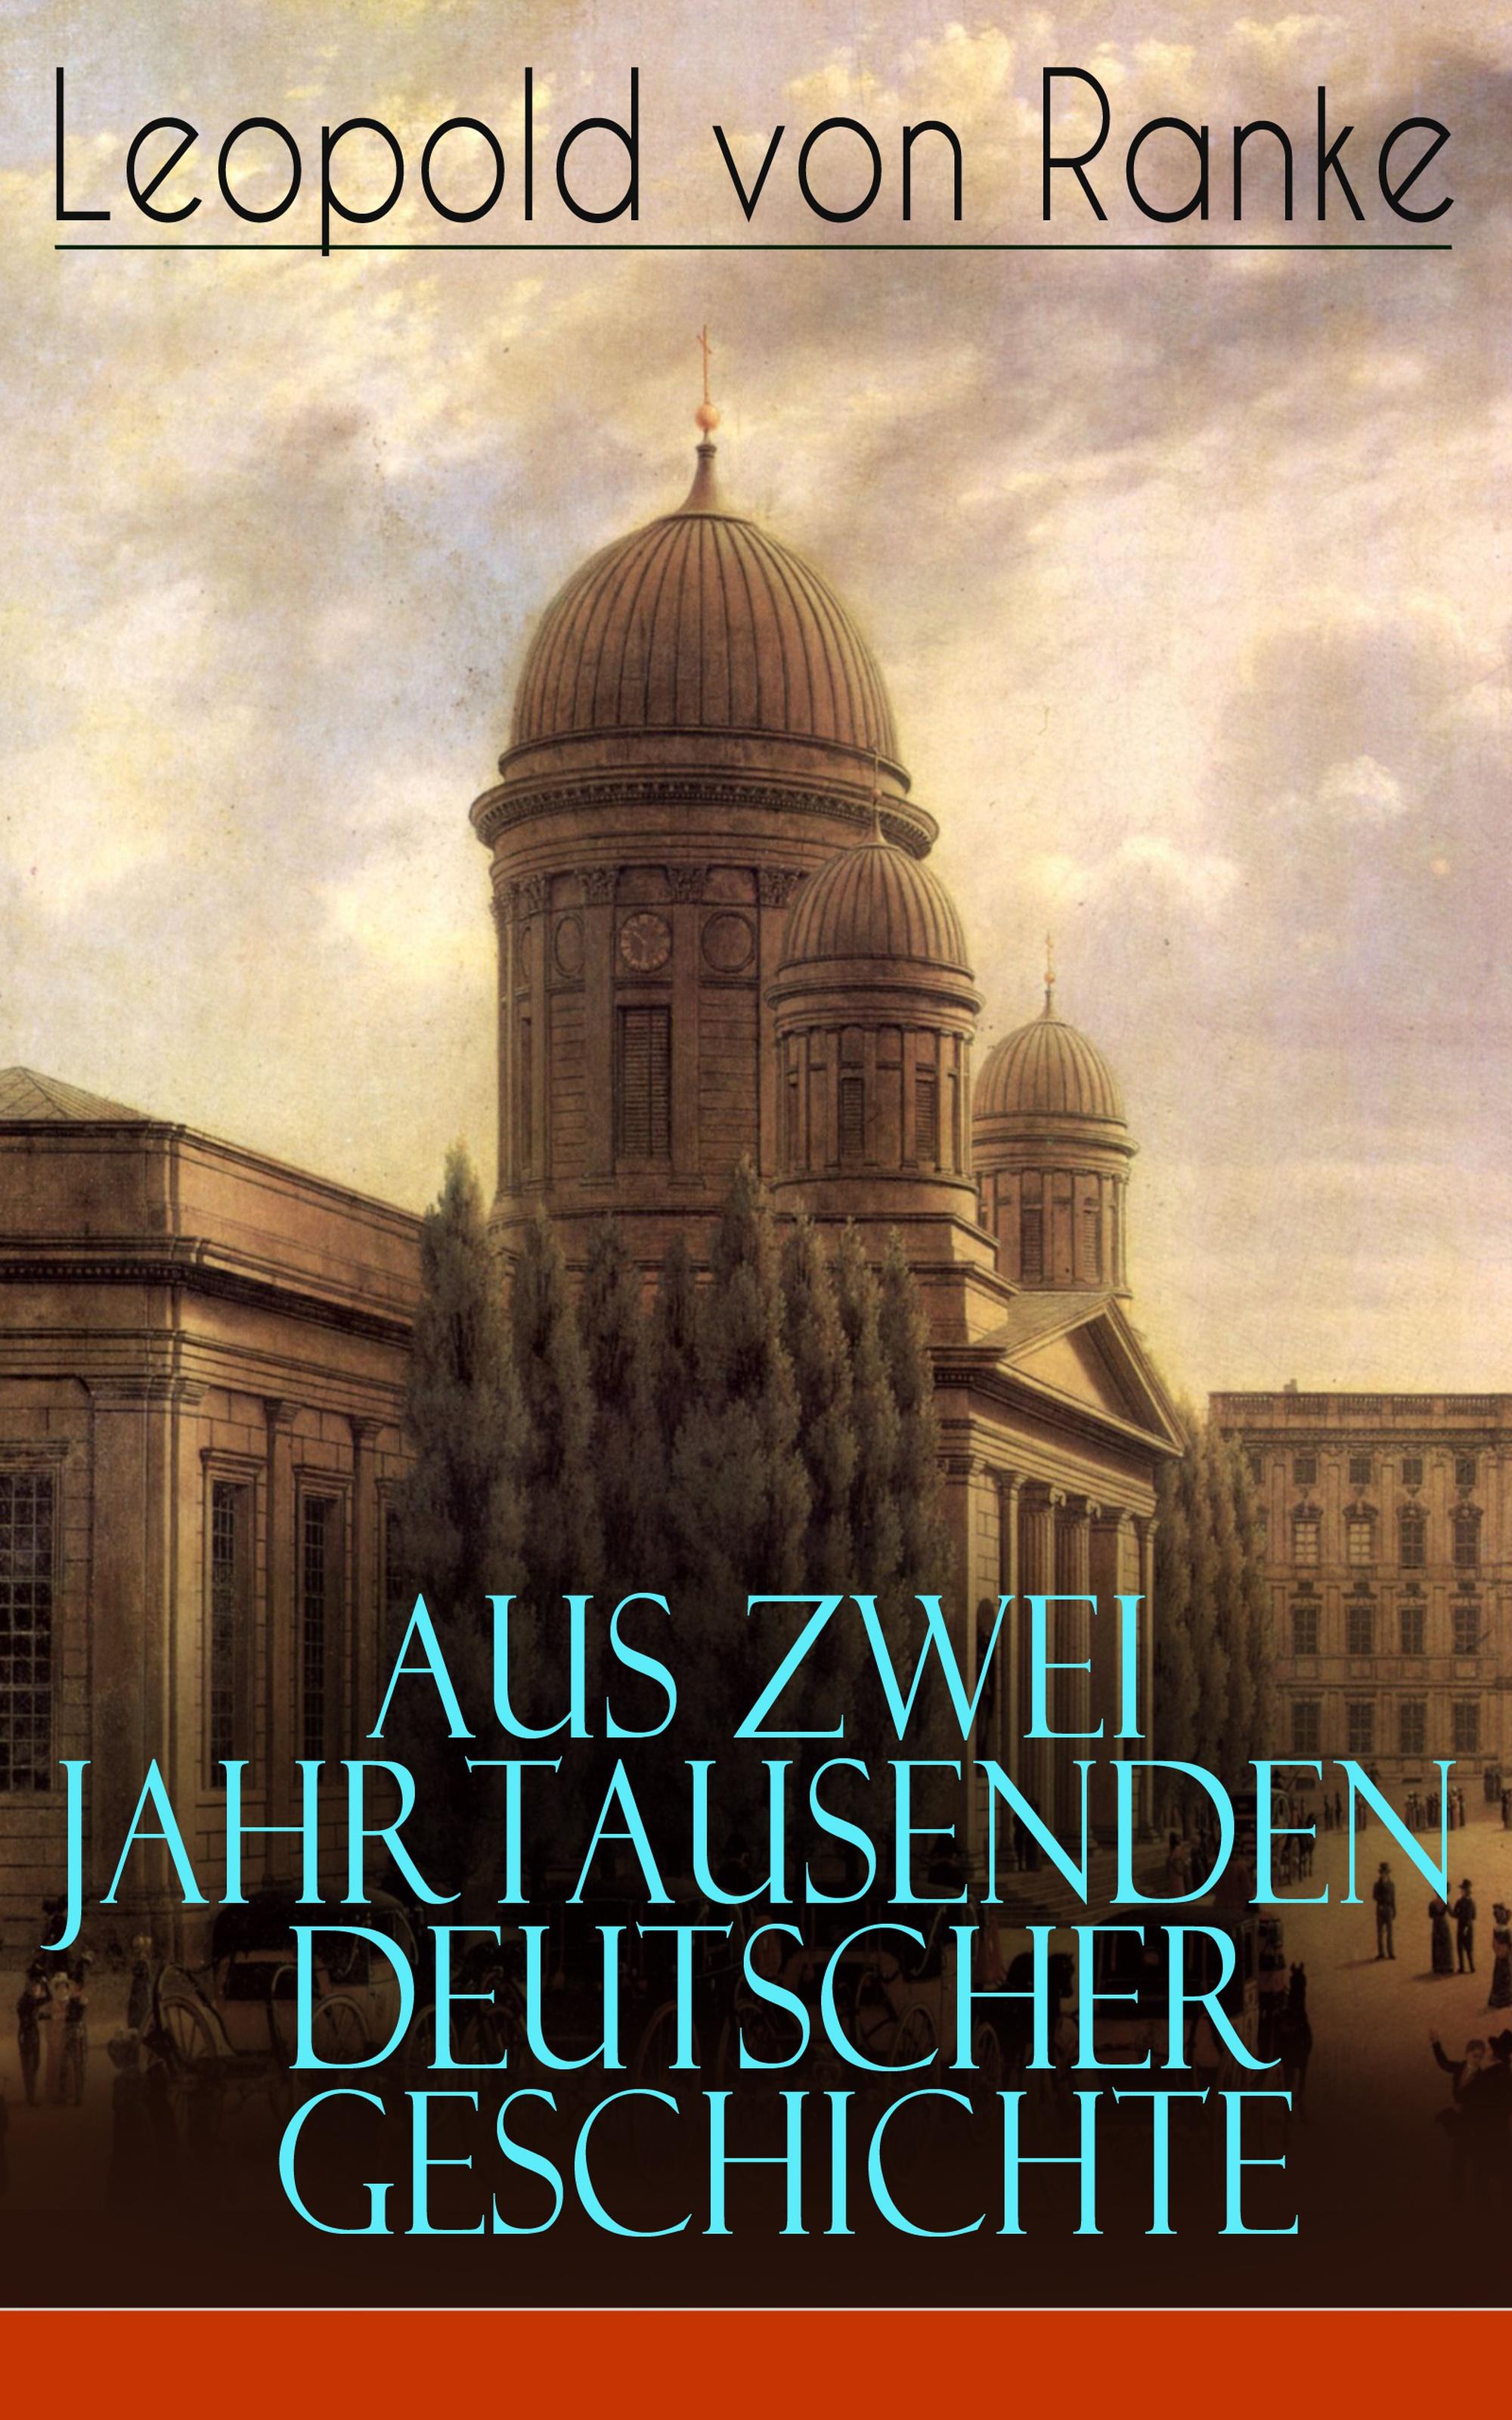 Leopold von Ranke Aus Zwei Jahrtausenden Deutscher Geschichte